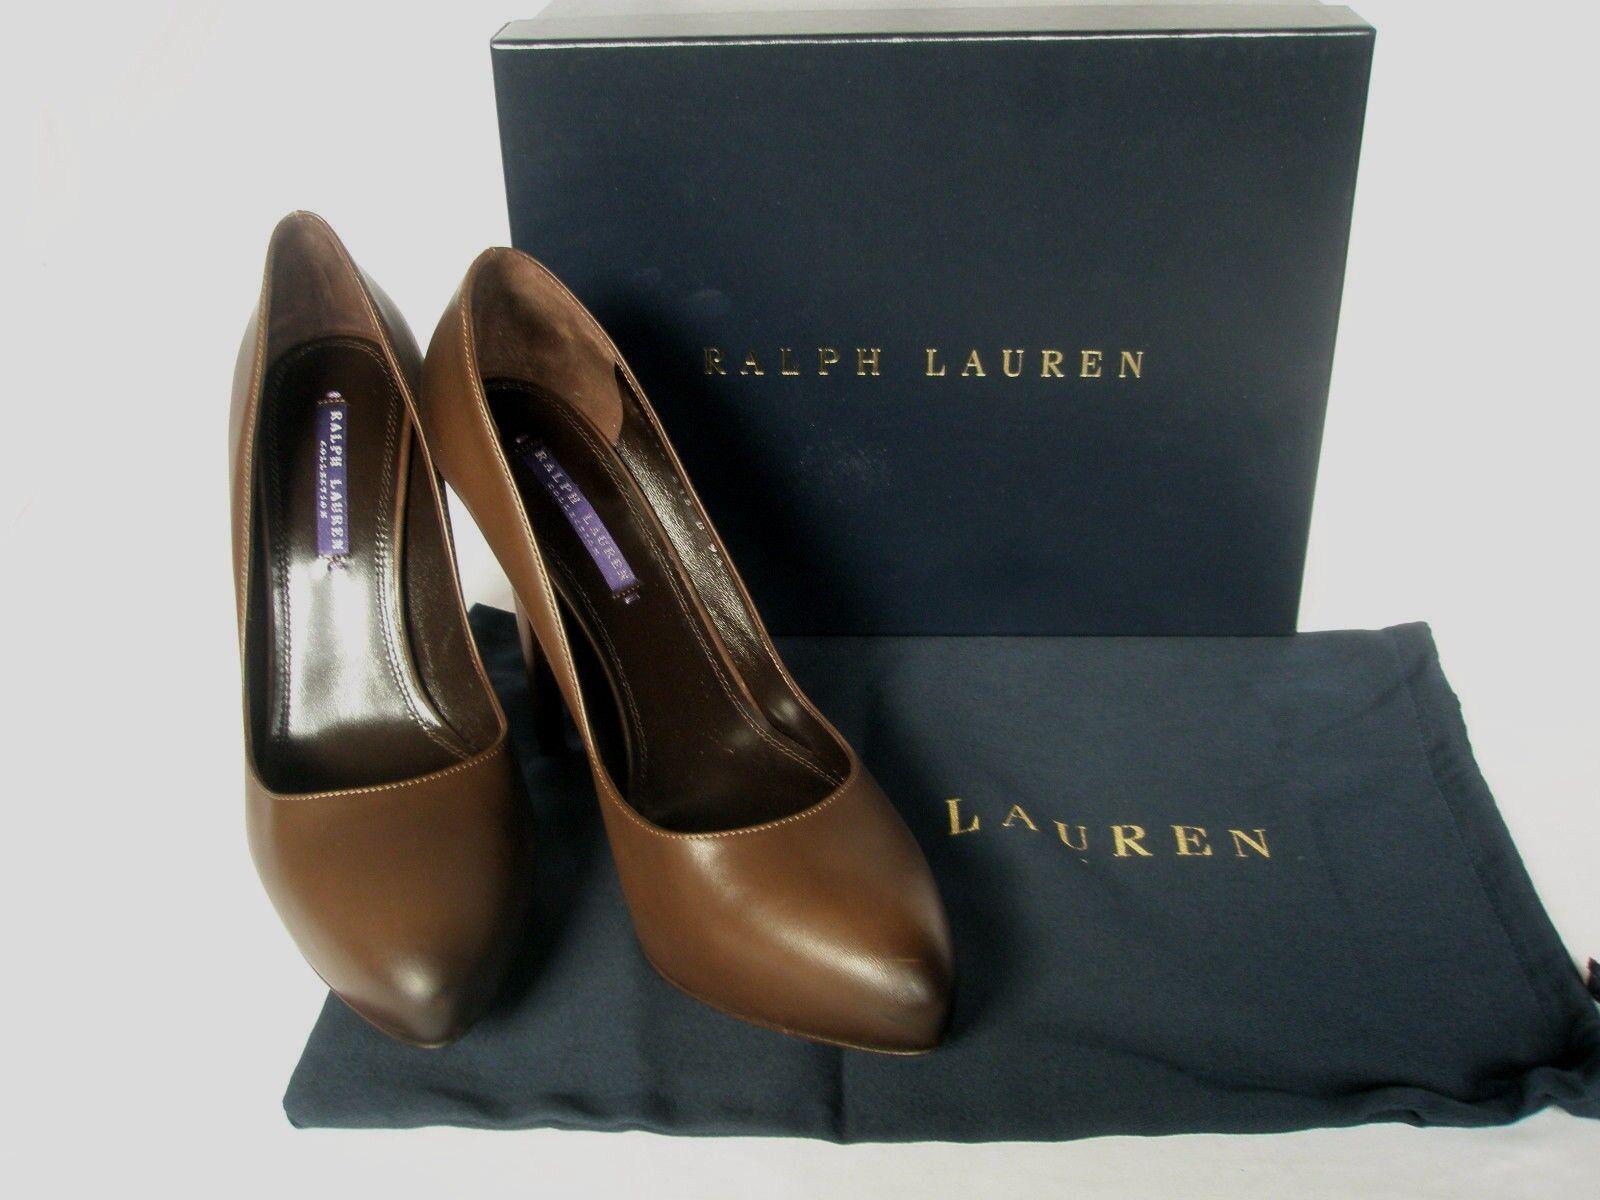 NEW RALPH LAUREN Ladies BENITA Brown Leather Court shoes UK 5.5 EU 38.5 8.5